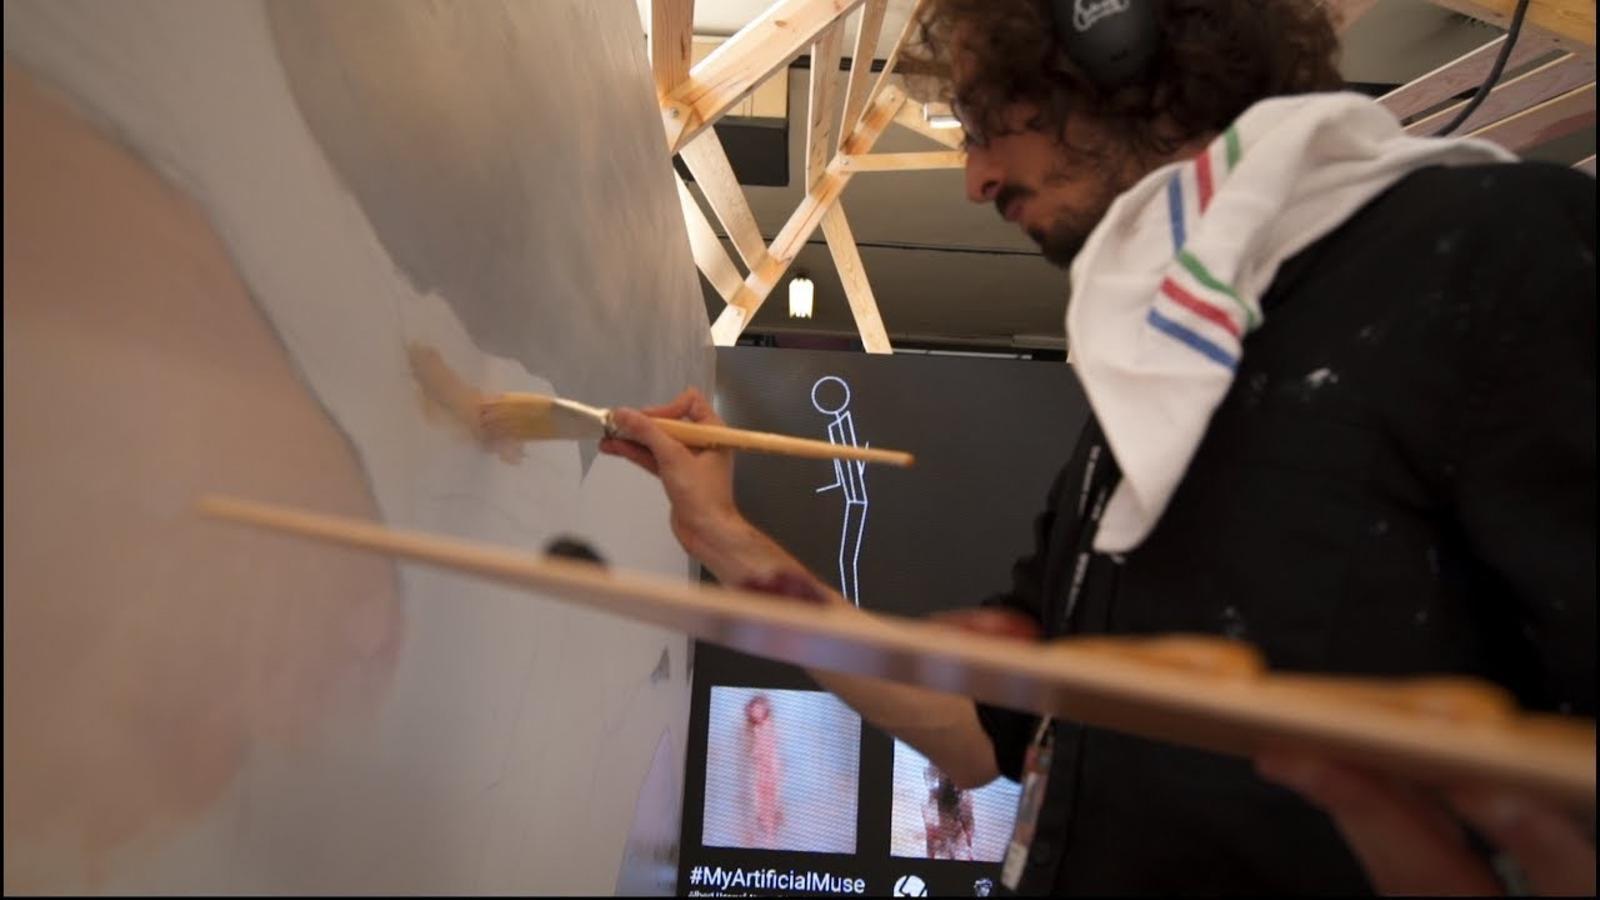 El projecte 'My artificial muse' d'Albert Barqué-Duran